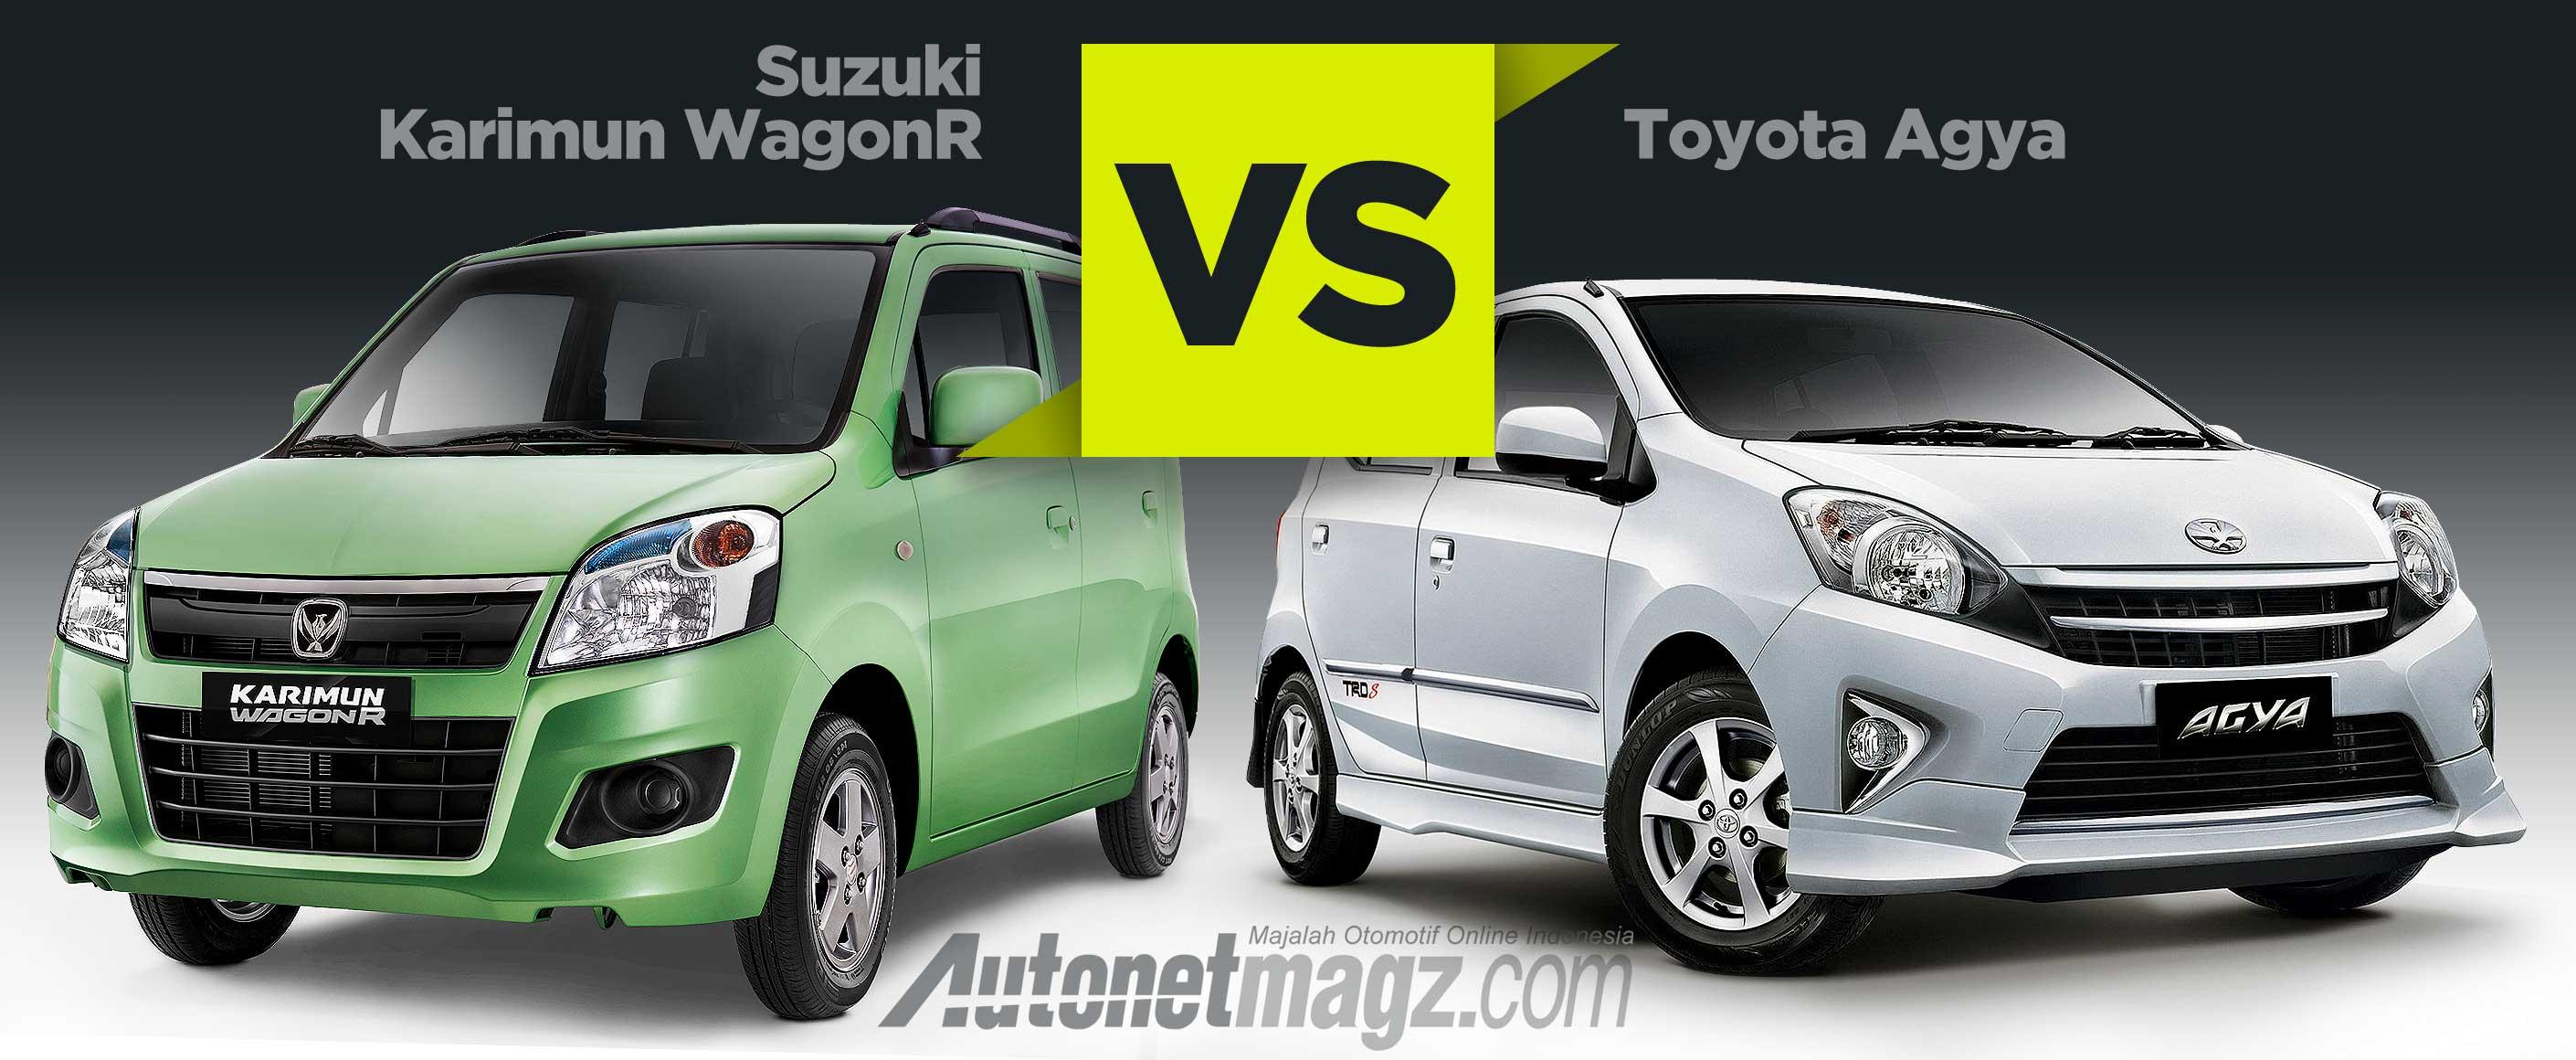 Suzuki Karimun Wagon R Vs Toyota Agya